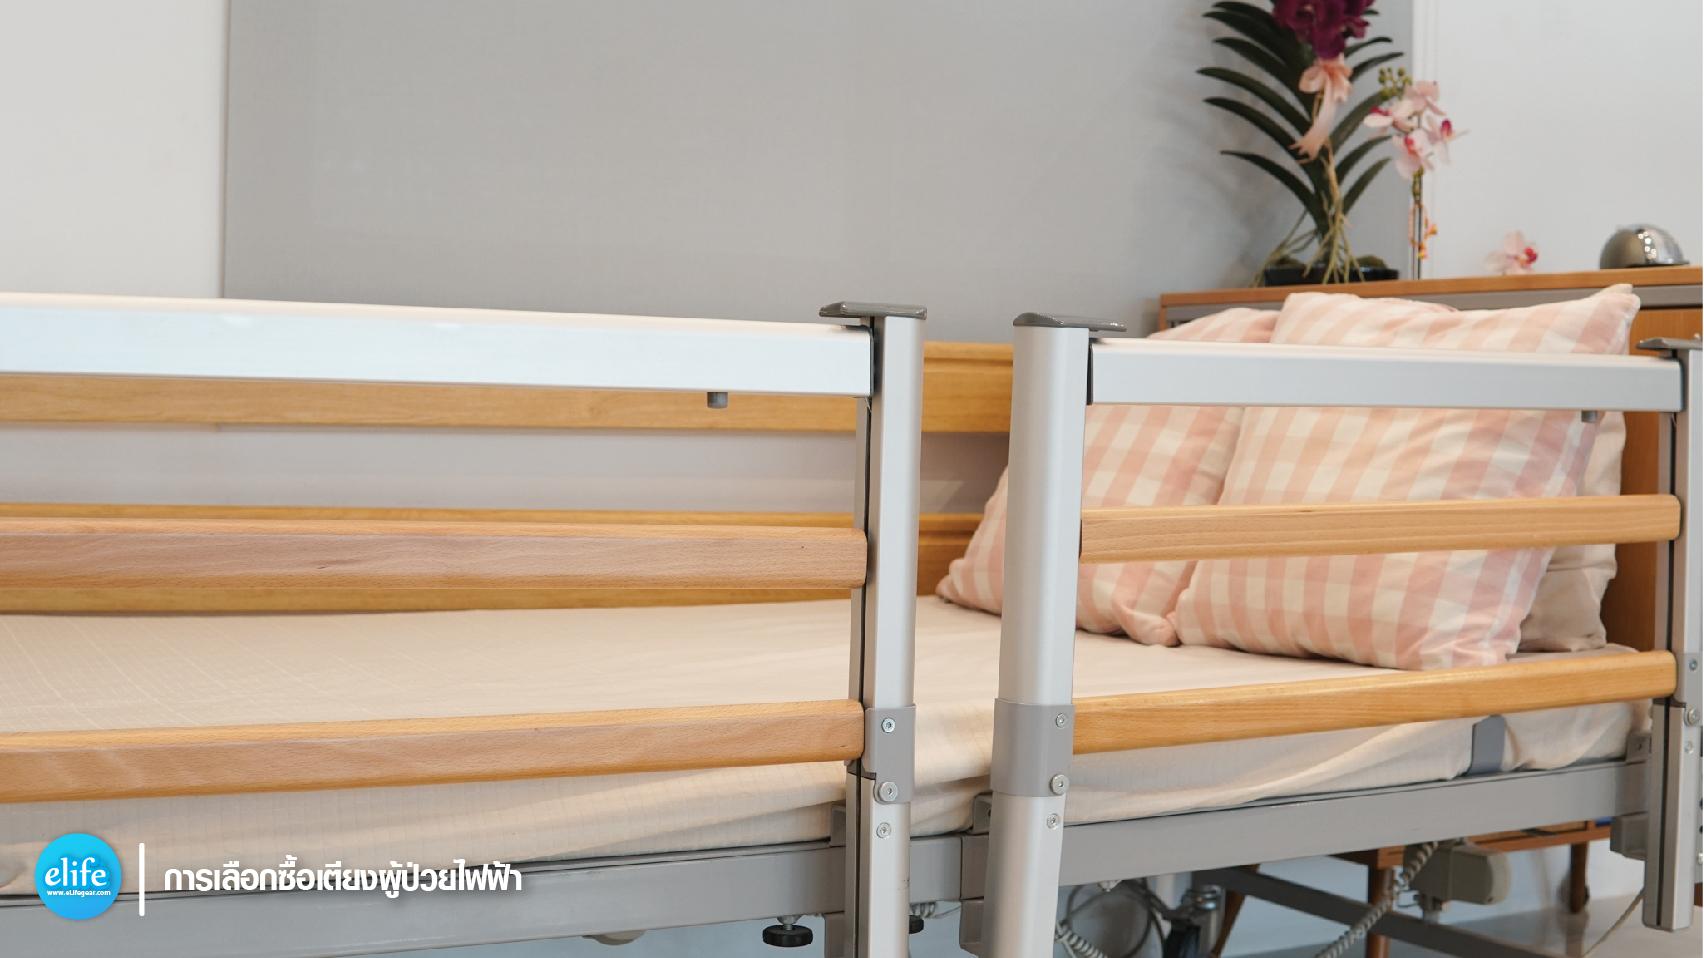 วิธีเลือกเตียงผู้ป่วย(ปรับไฟฟ้า) / Adjustable Electric Bed buyer guide